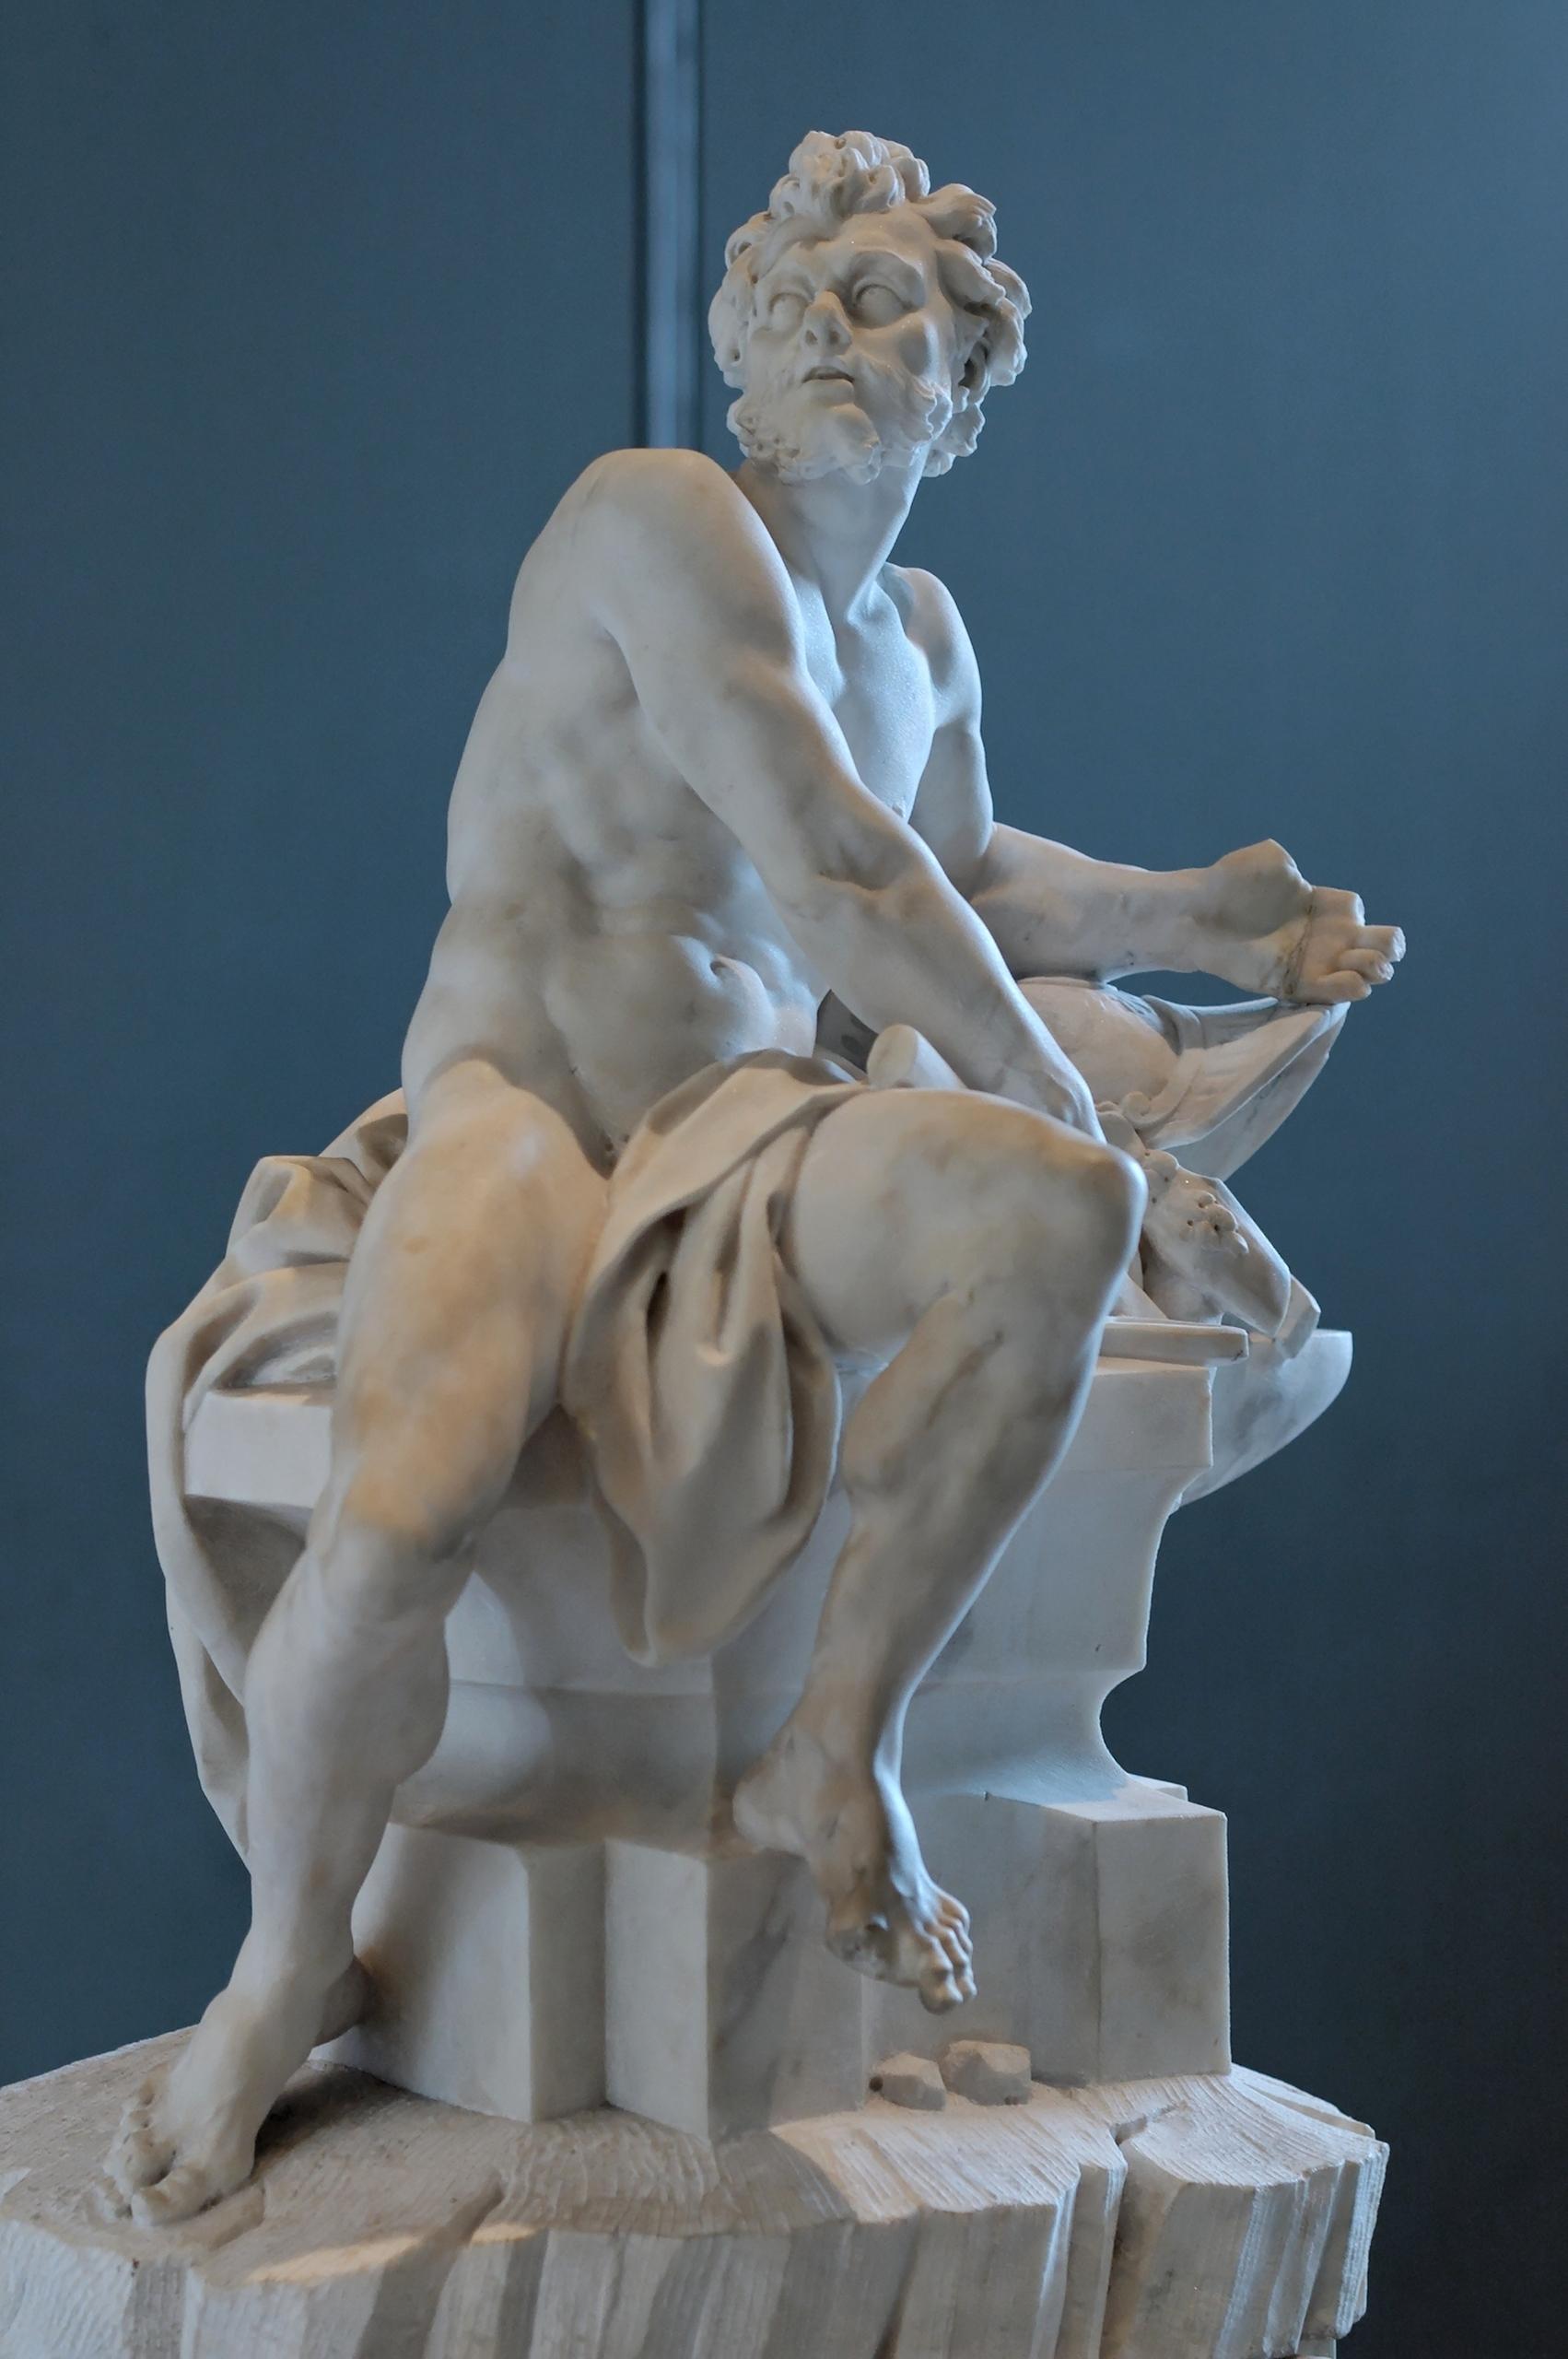 Hephaestus statue